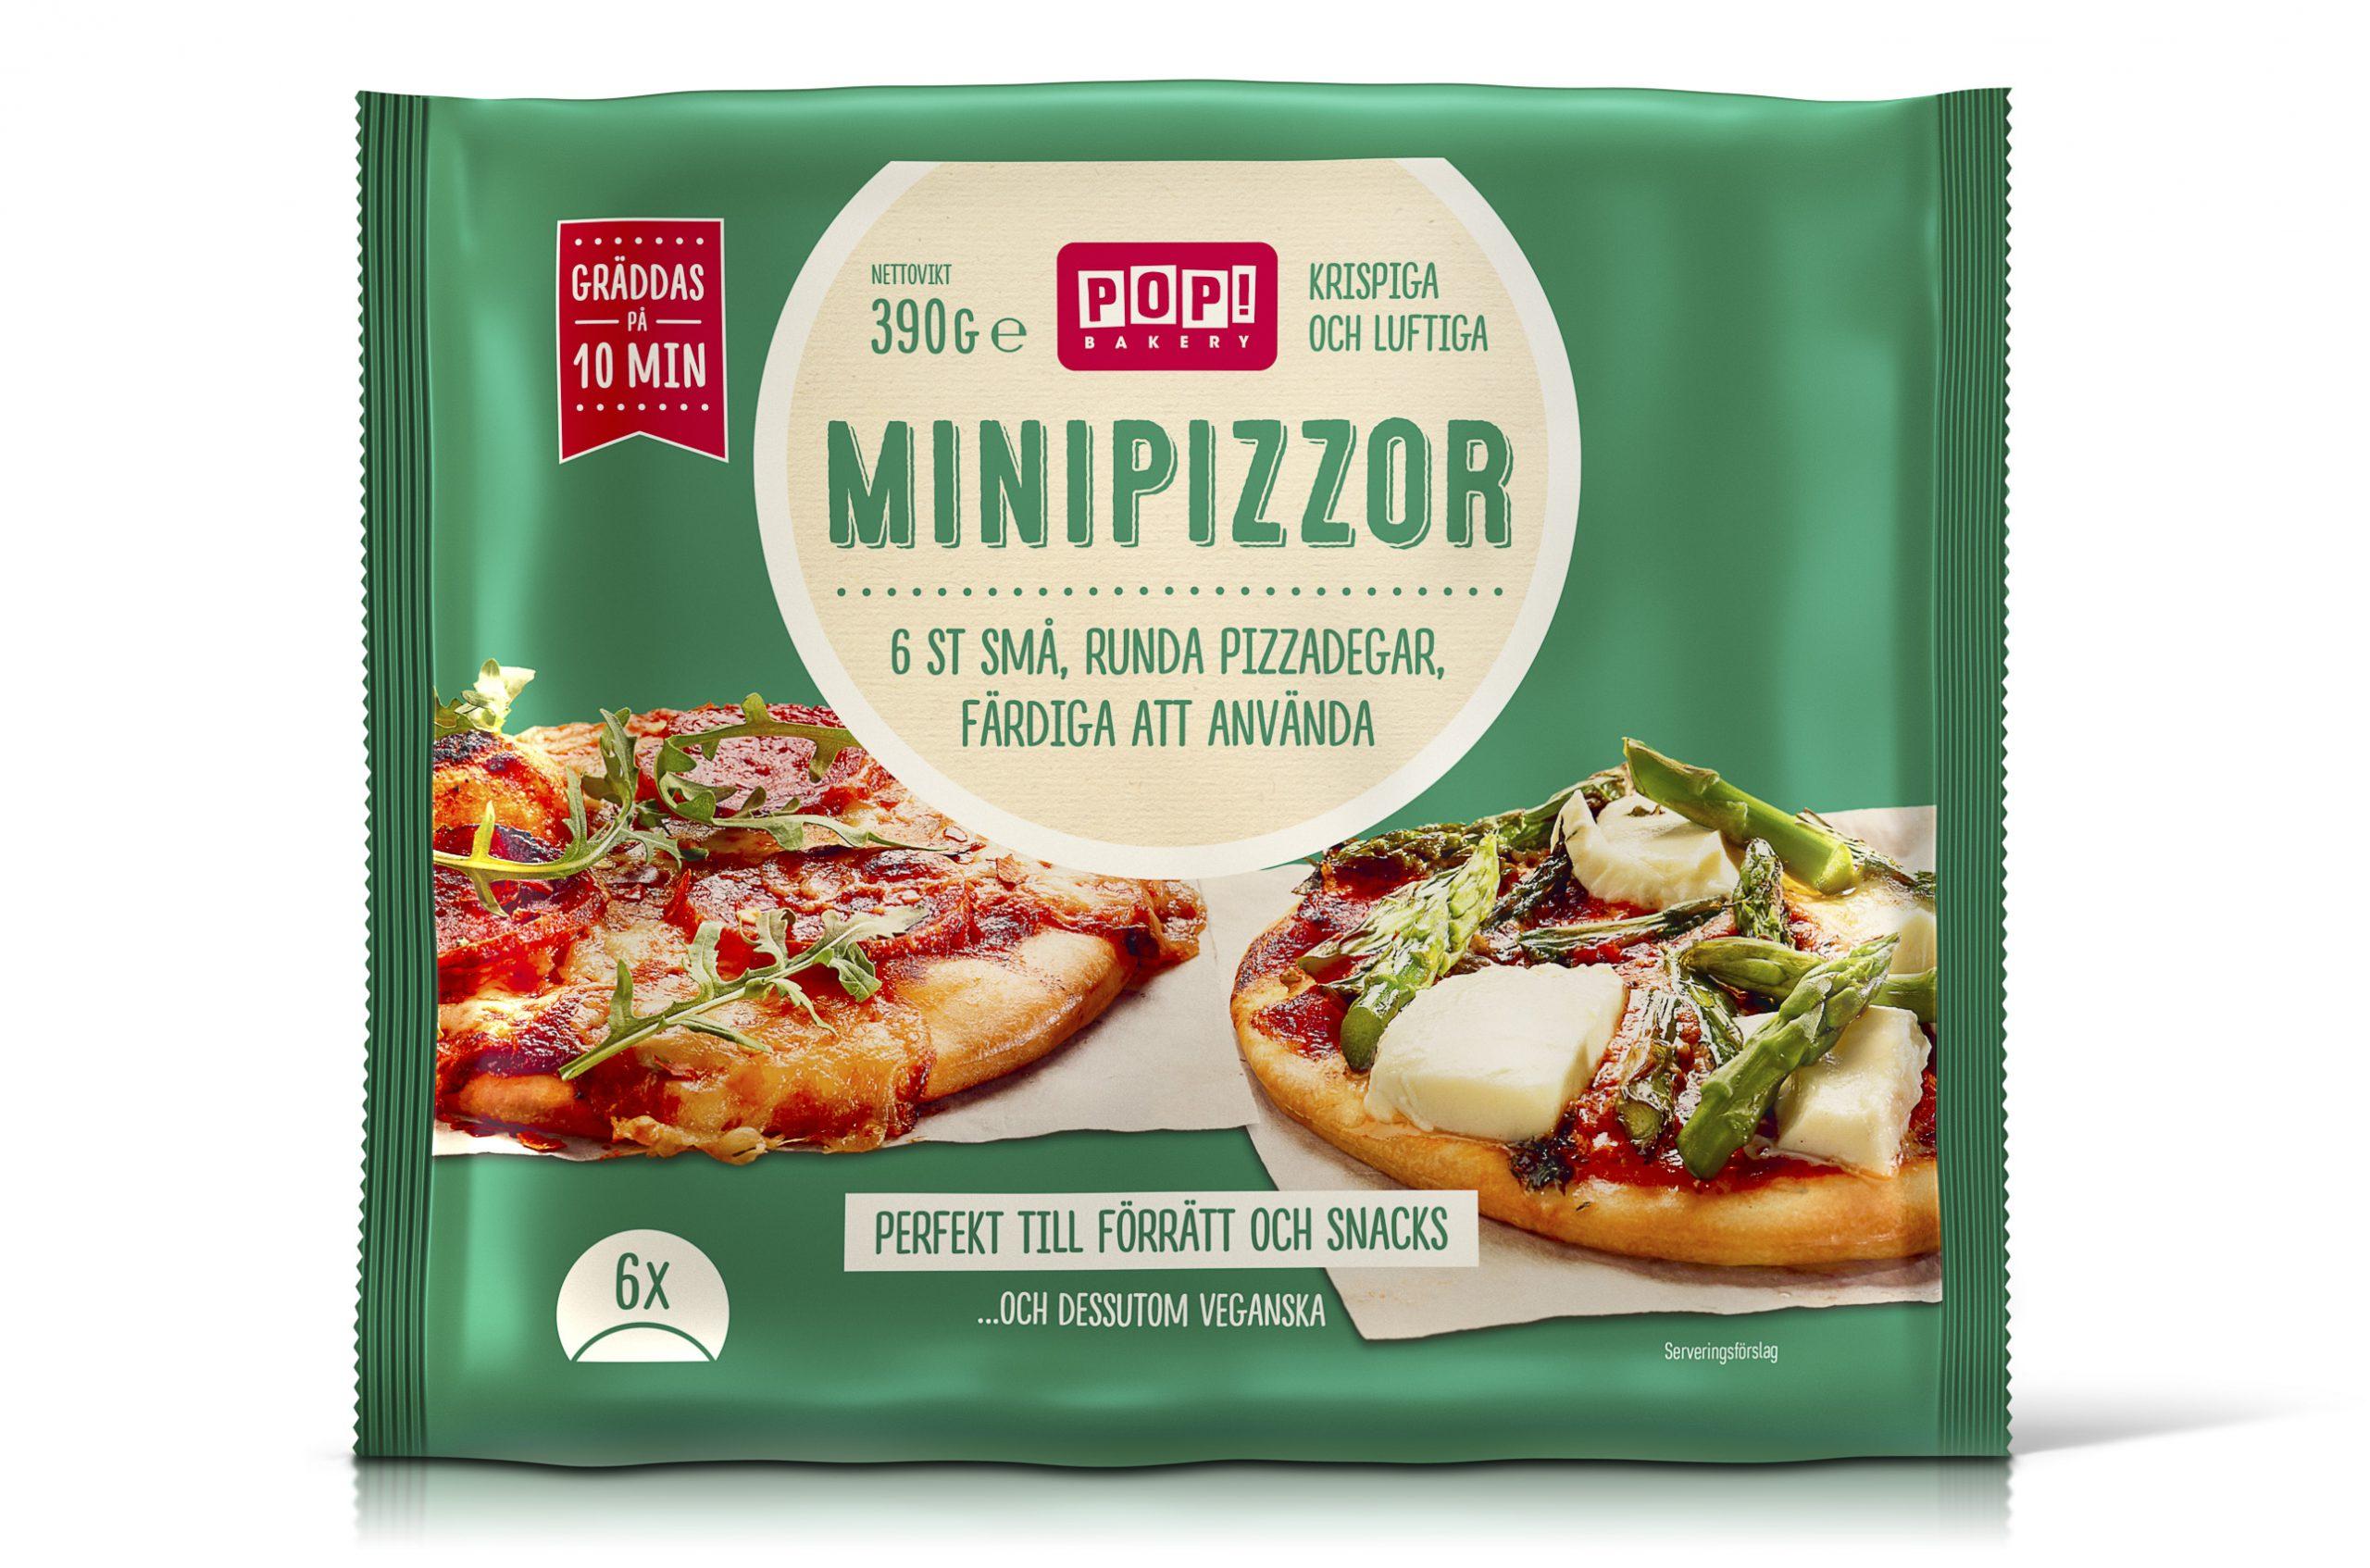 Bild på Minipizzor-förpackning